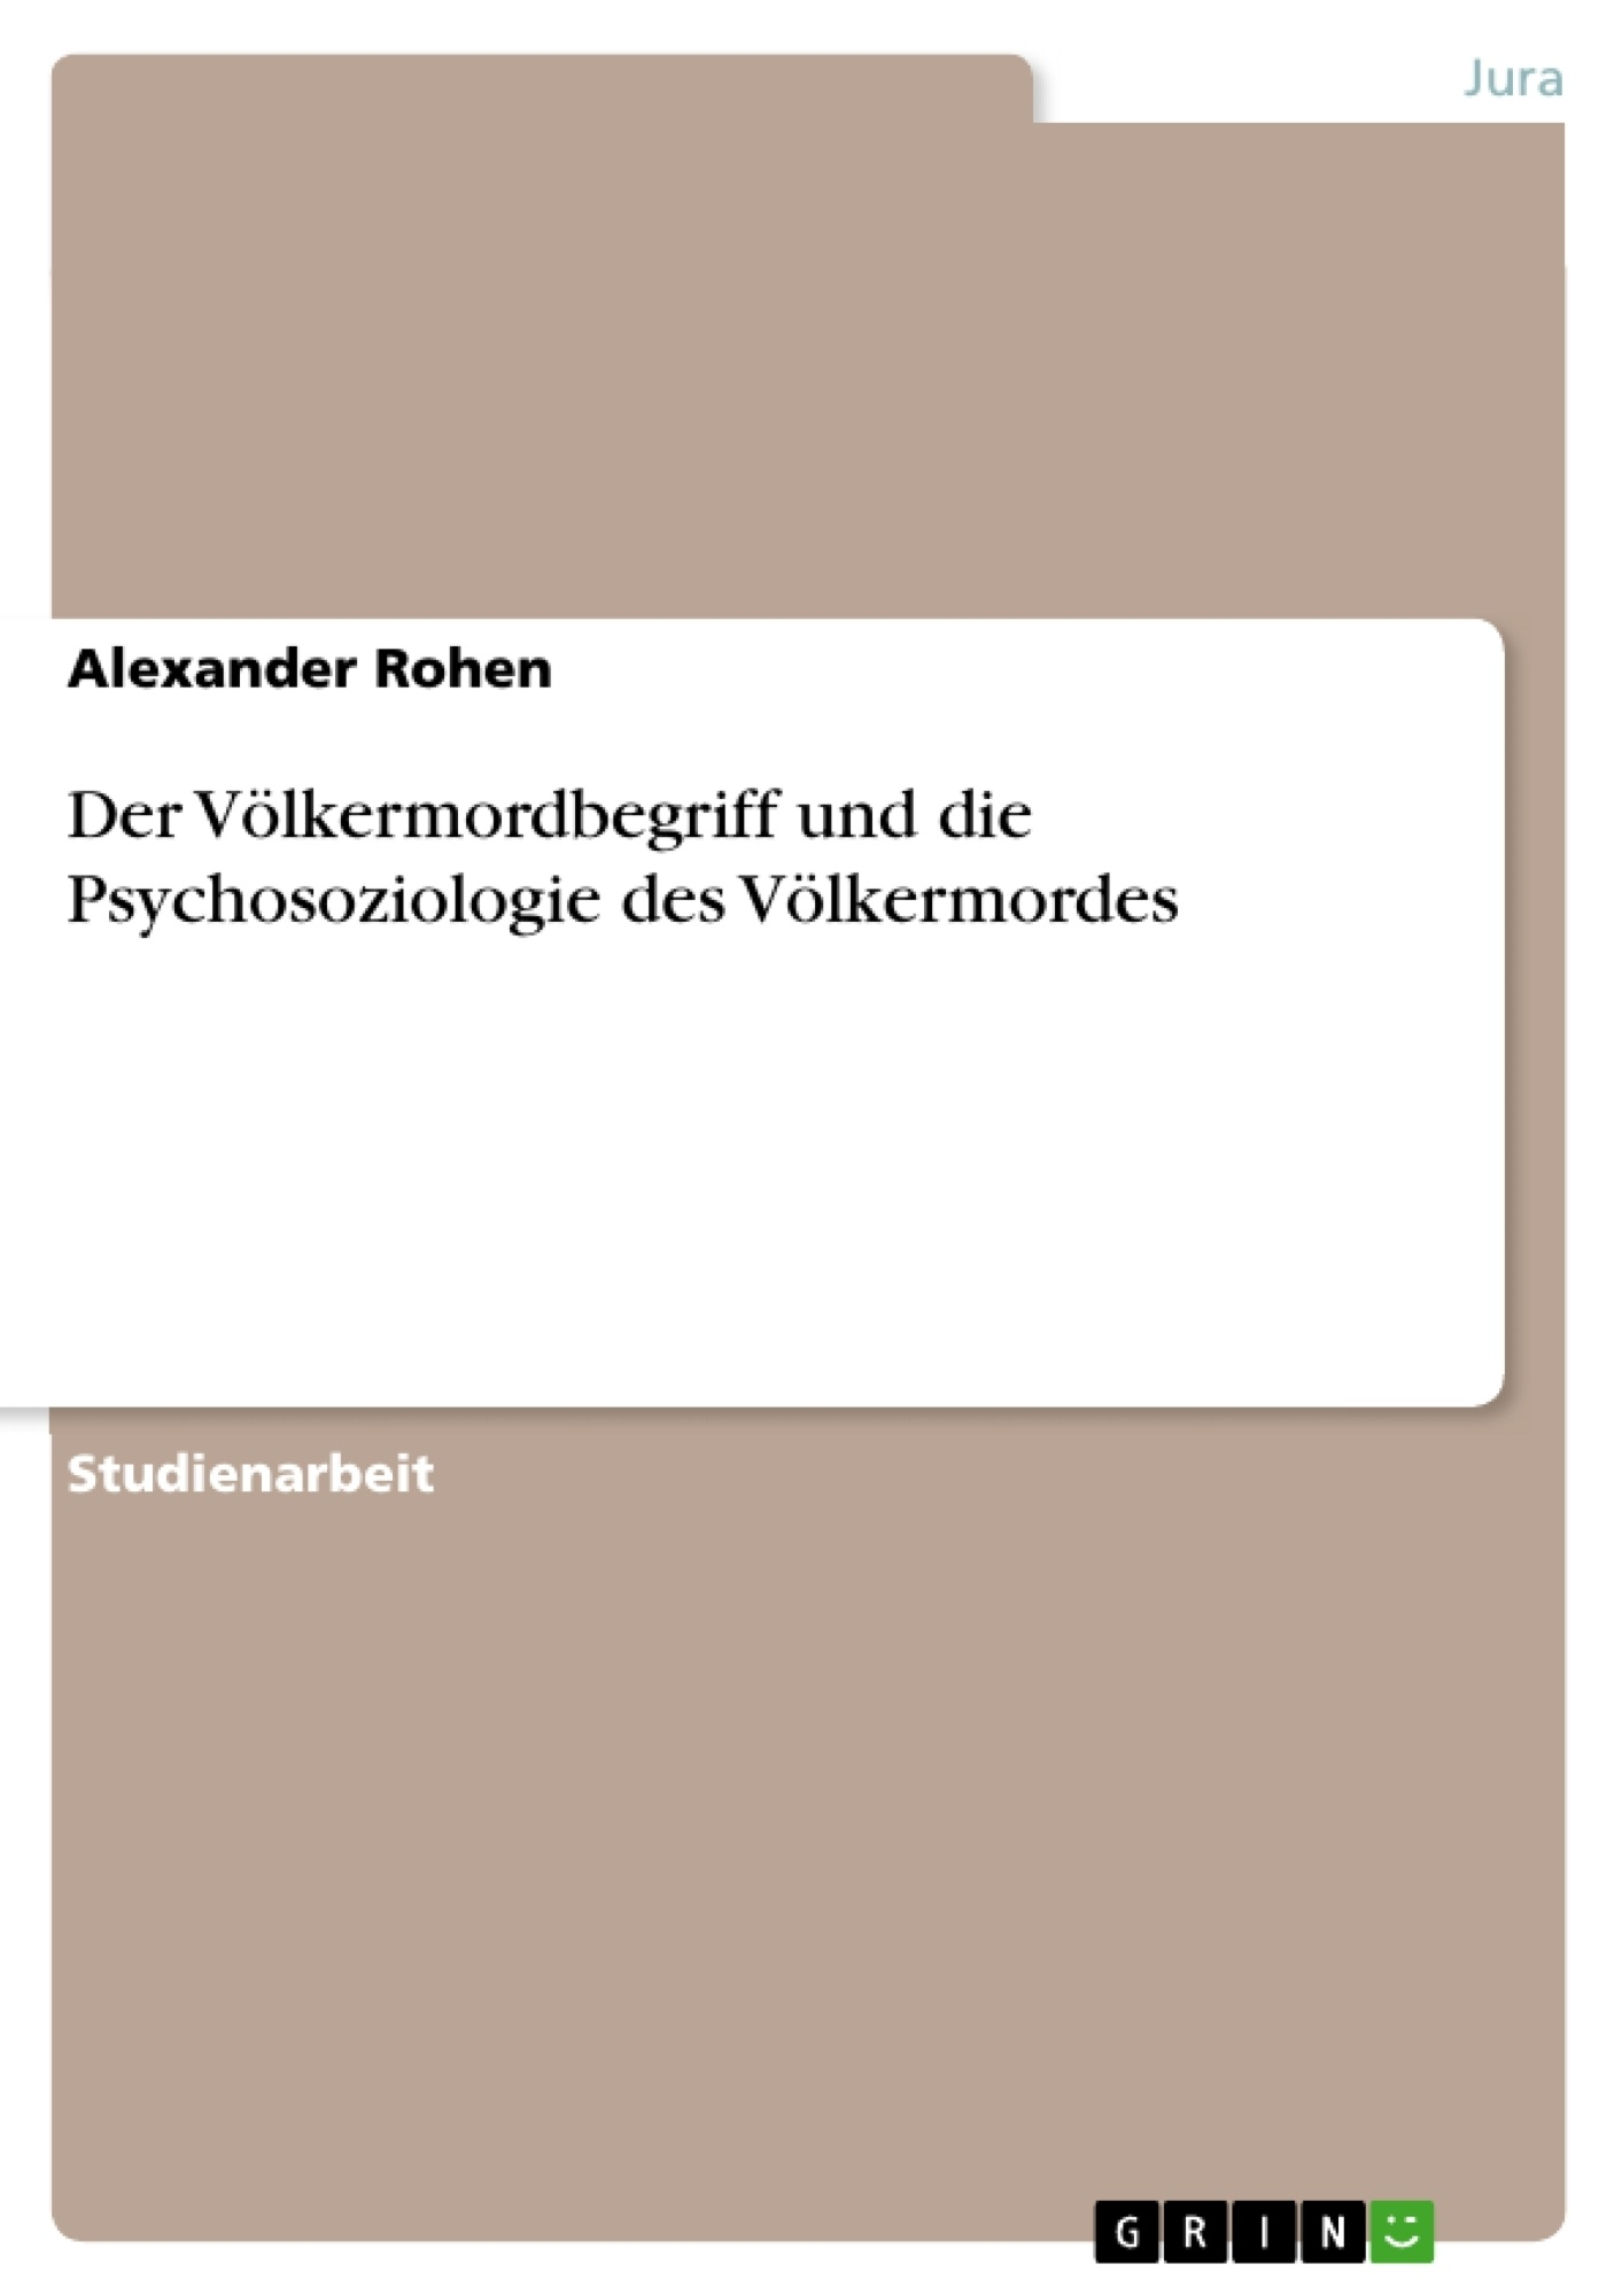 Titel: Der Völkermordbegriff  und die Psychosoziologie des Völkermordes